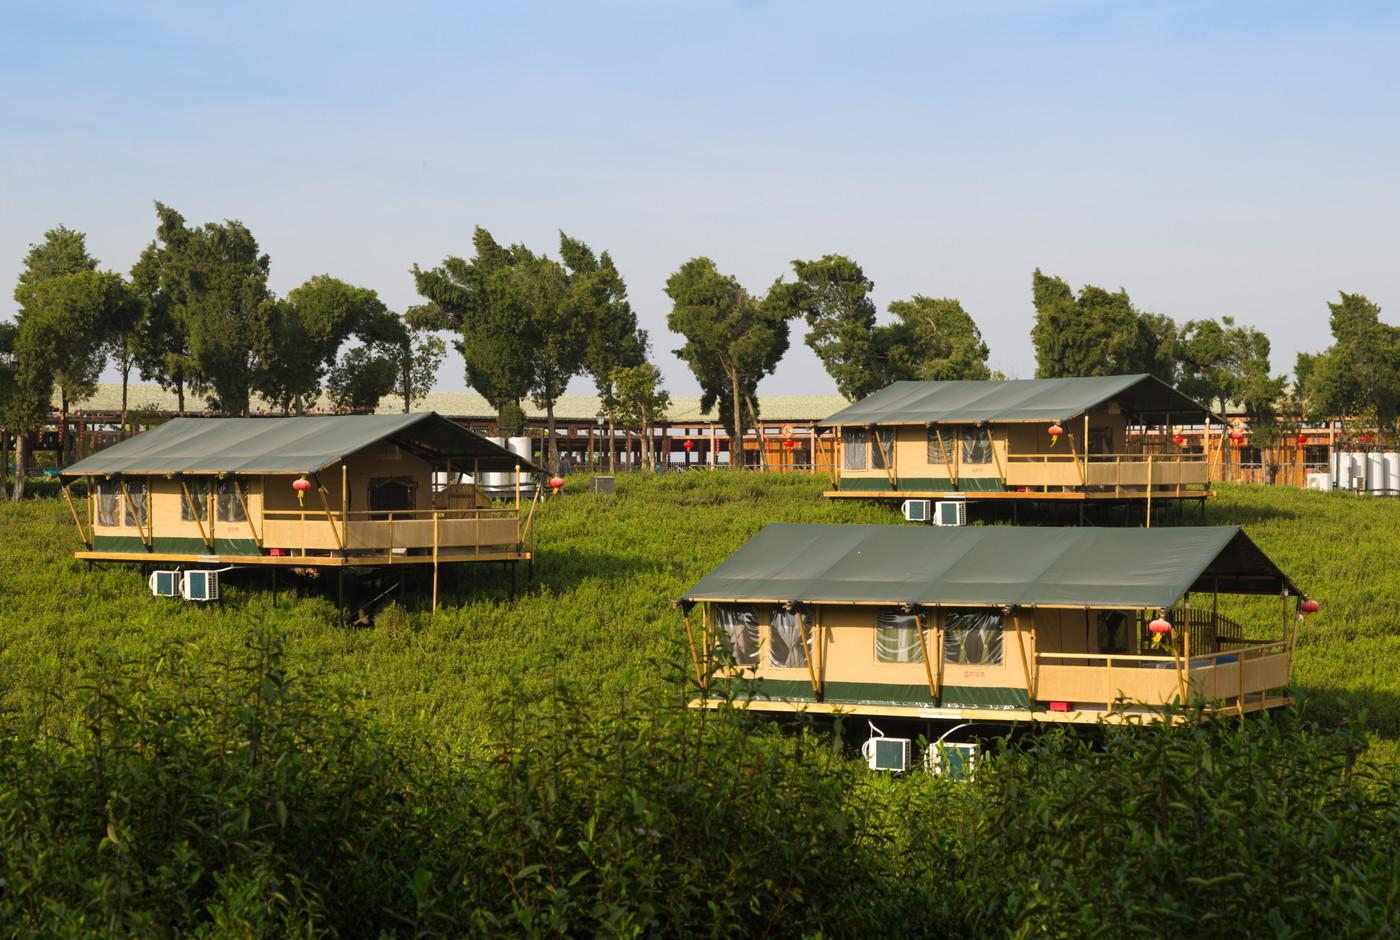 喜马拉雅野奢帐篷酒店—江苏常州茅山宝盛园2期茶田帐篷酒店4